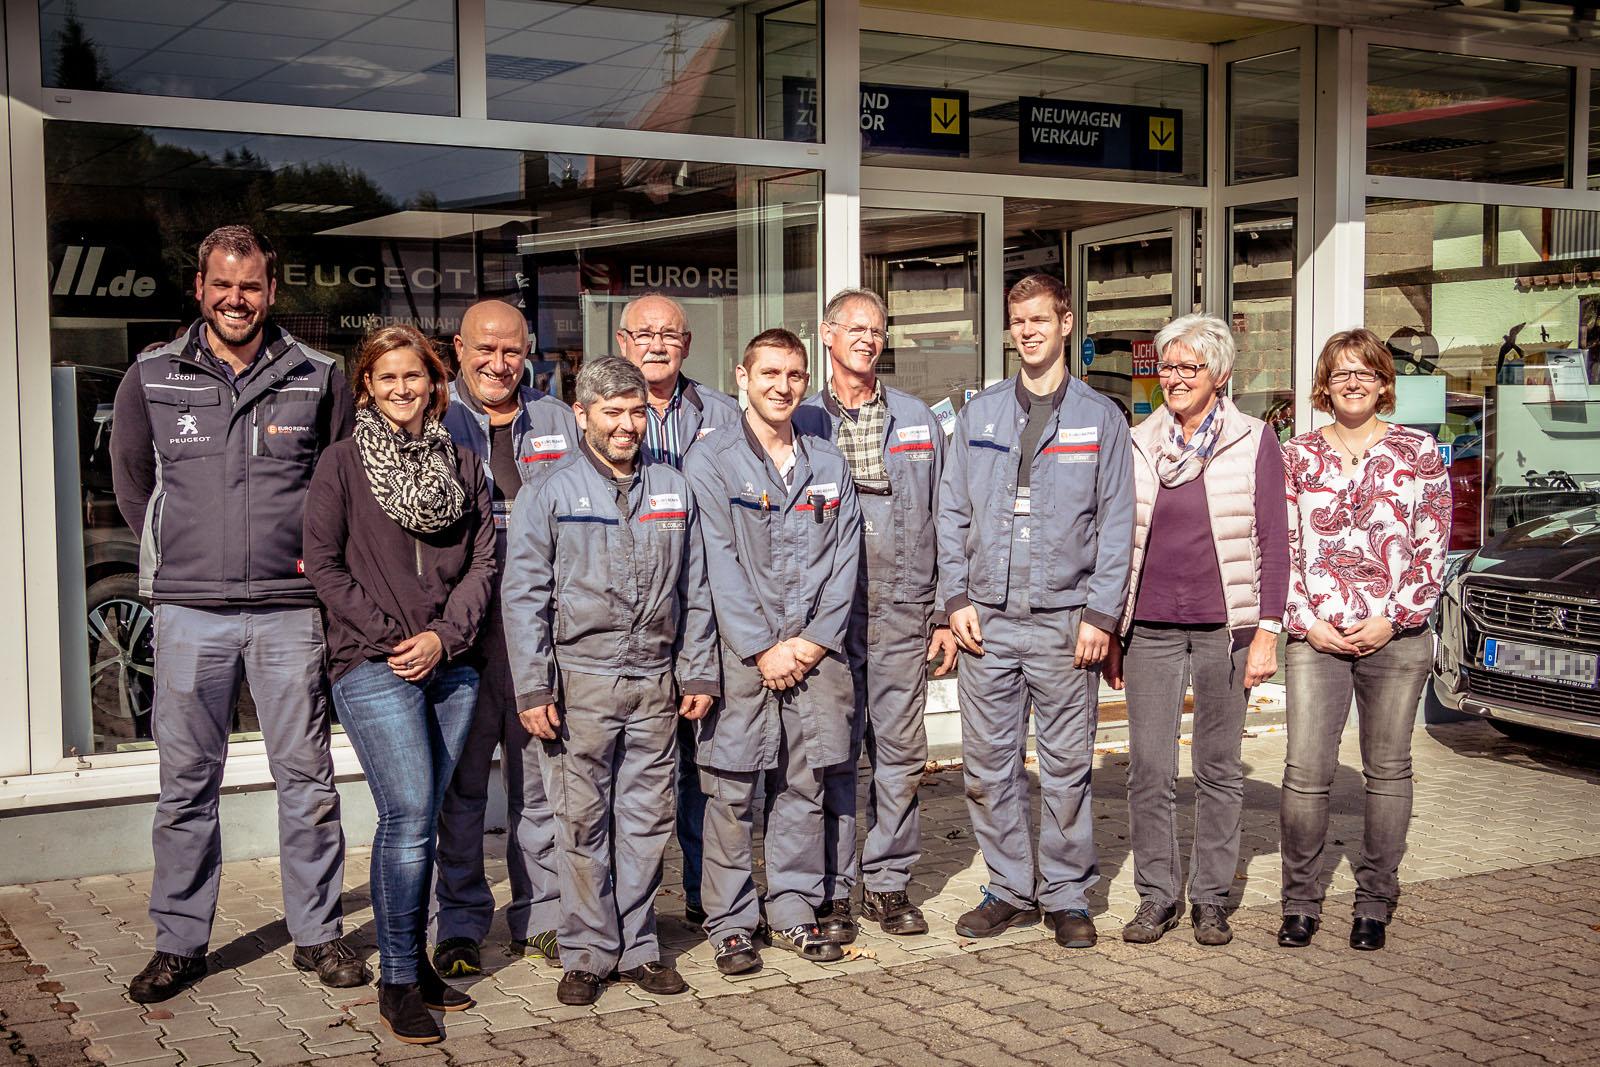 Auto-Stoll_Peugeot-Gehrweiler-Team-5016